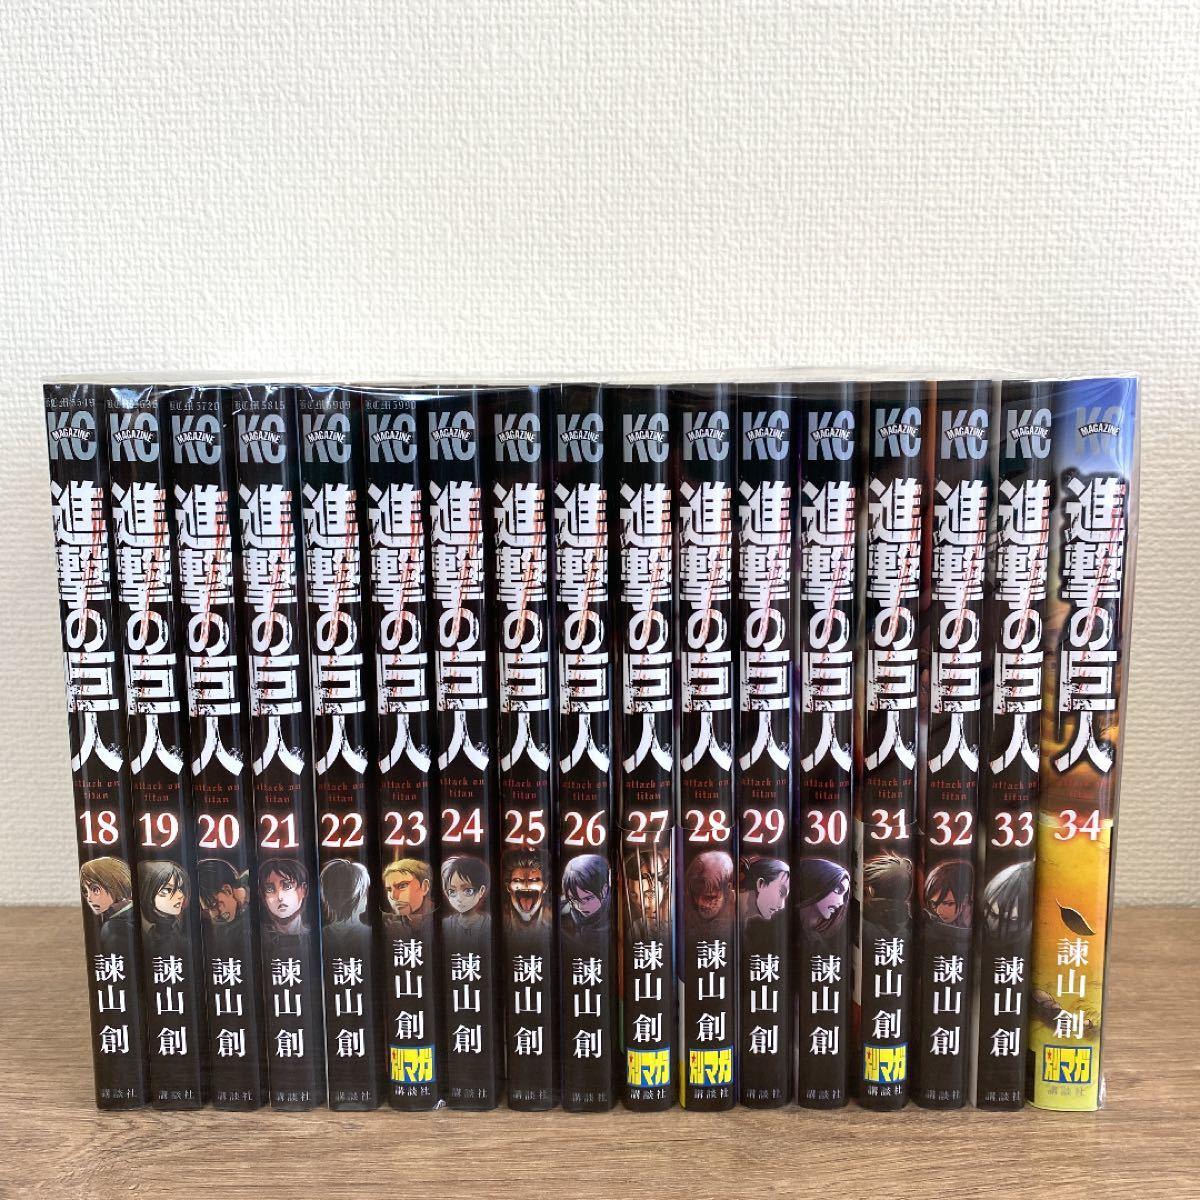 【進撃の巨人】全巻(全34冊)+悔いなき選択フルカラー完全版セット諫山創